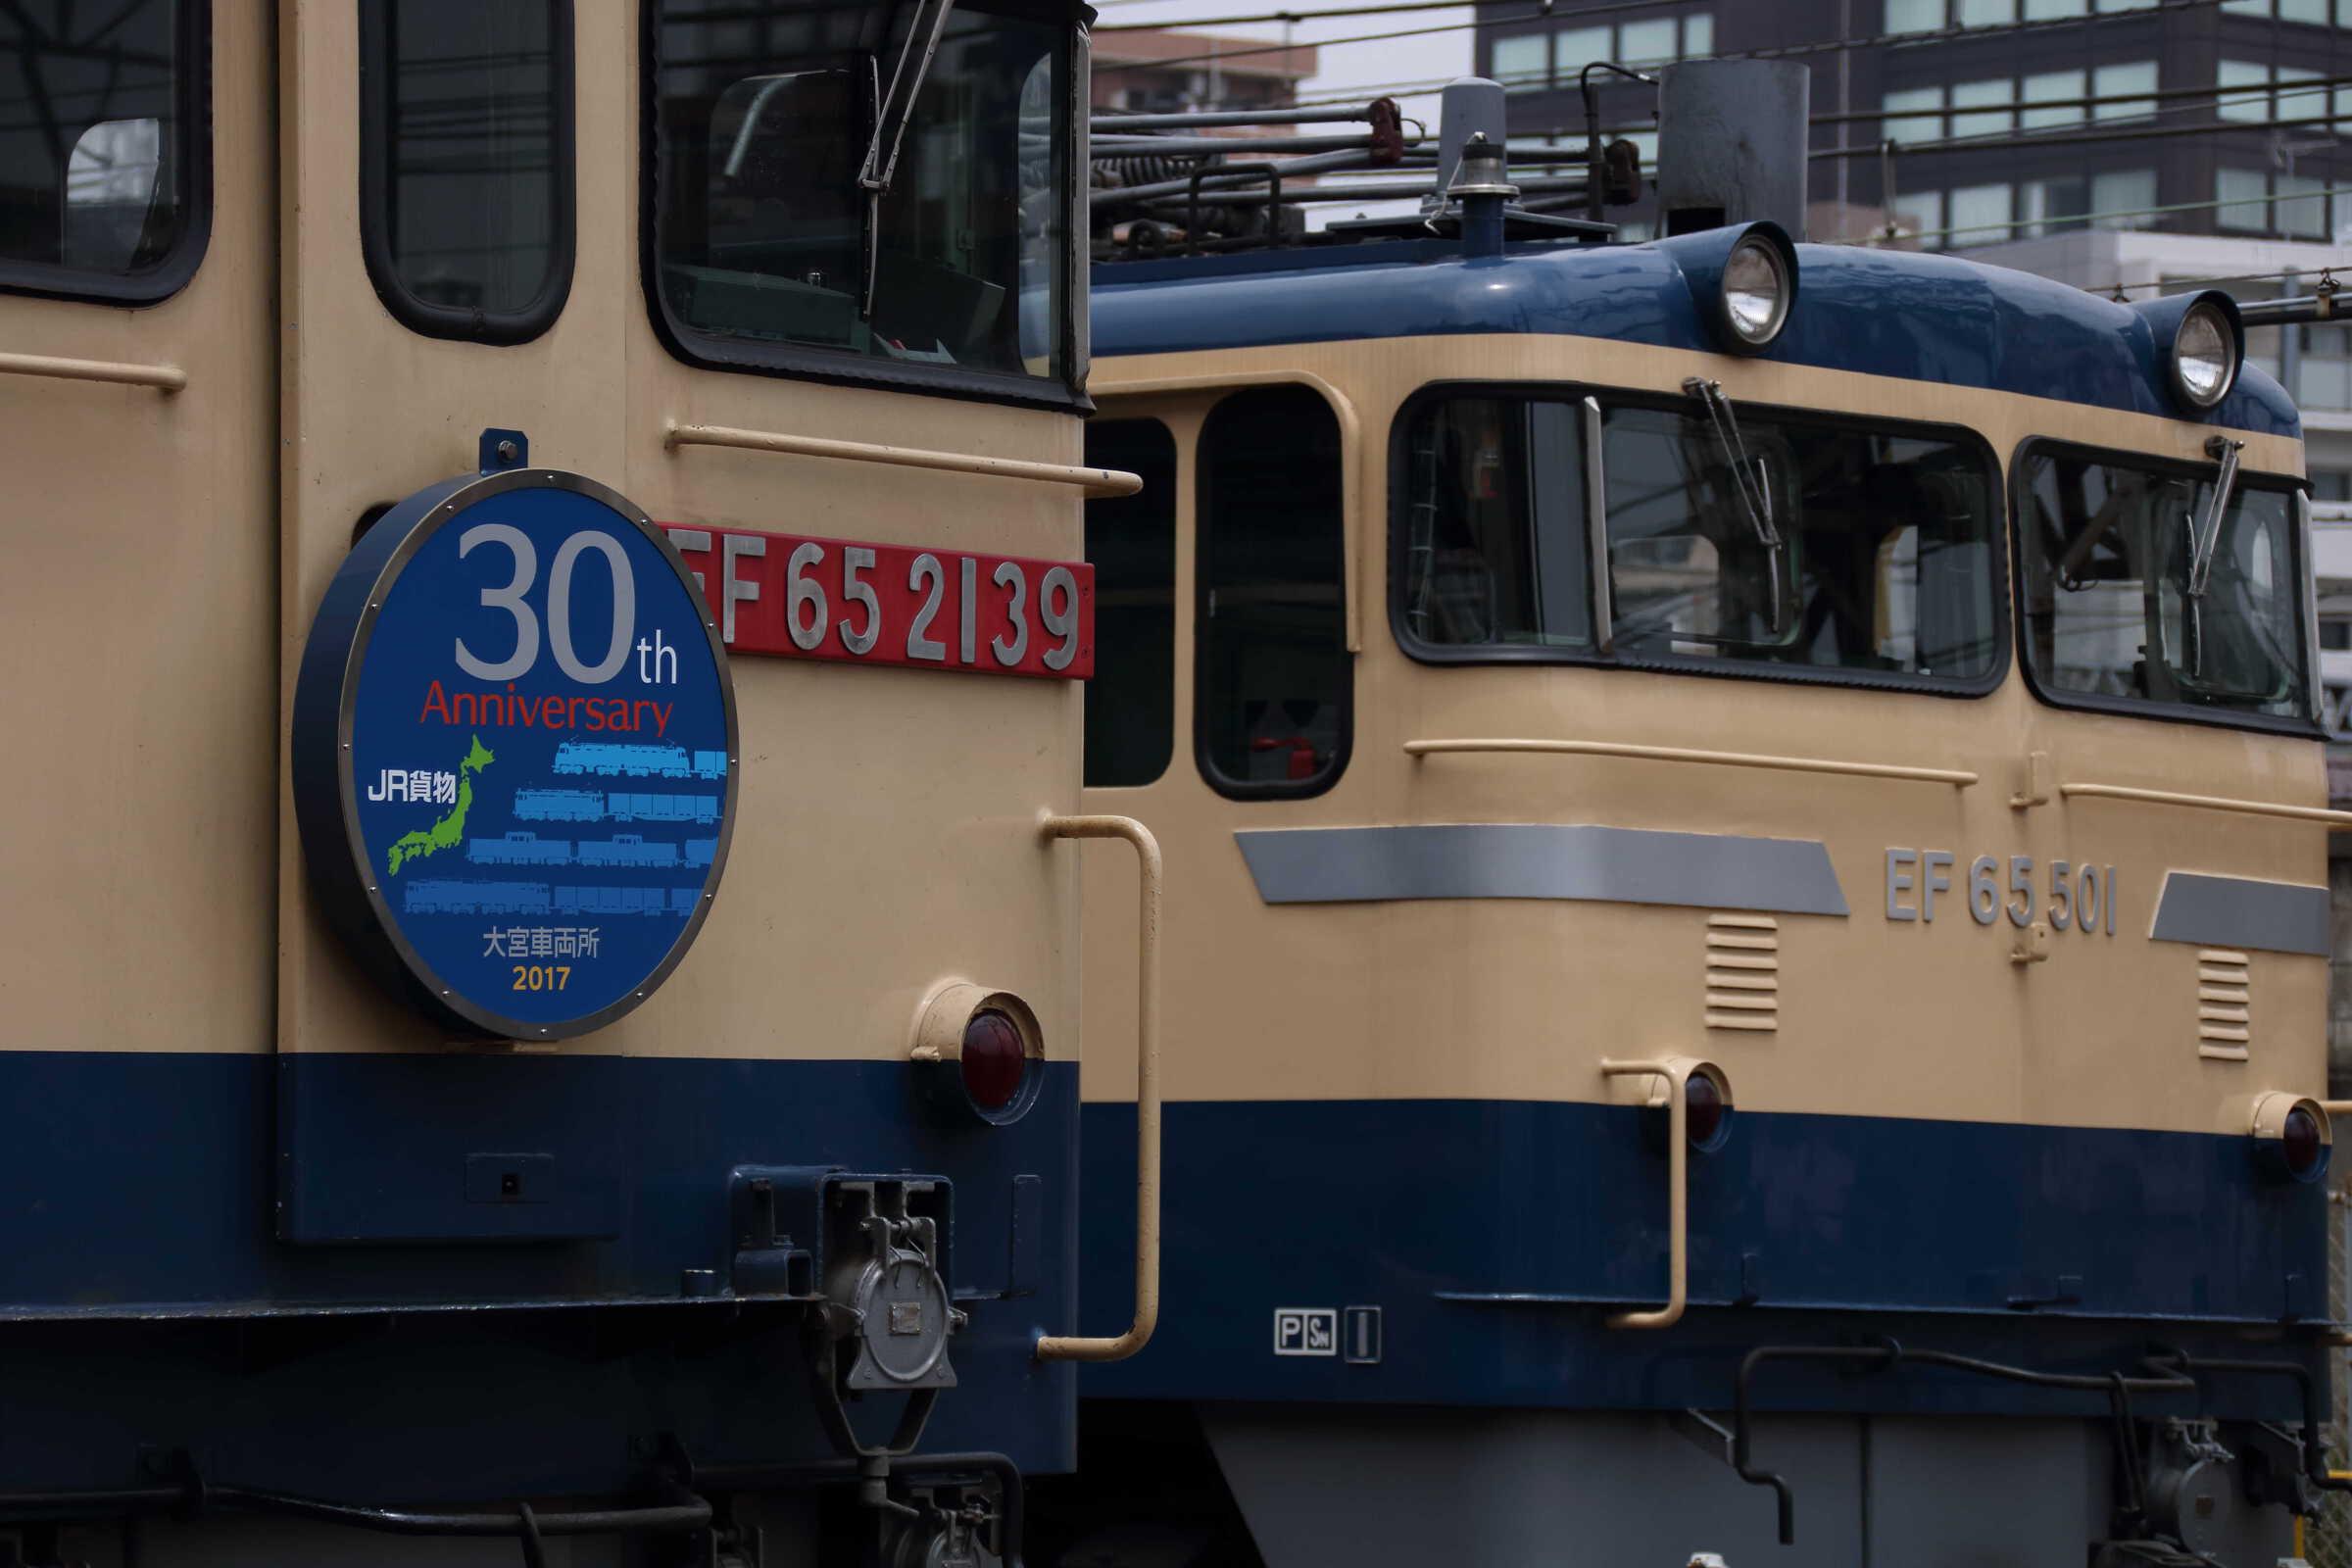 EF65-2139[新] & EF65-501[高]